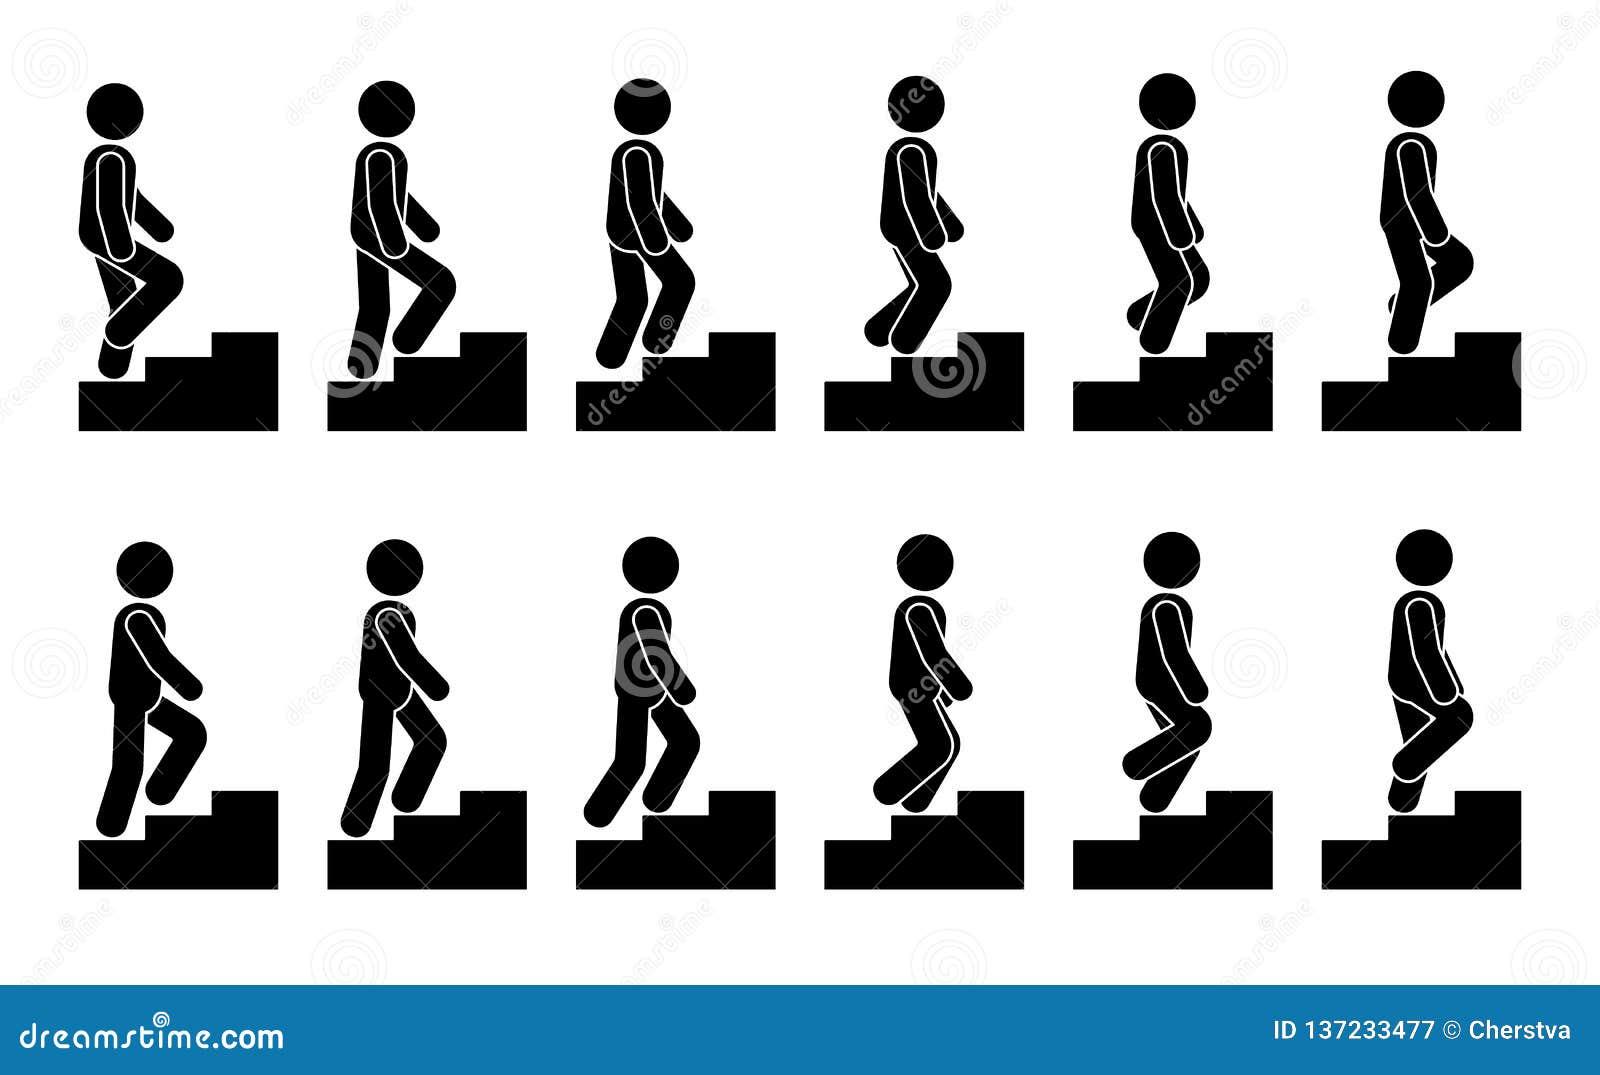 Αρσενικό αριθμού ραβδιών στο σύνολο εικονιδίων σκαλοπατιών Διανυσματικό άτομο που περπατά βαθμιαία το εικονόγραμμα ακολουθίας